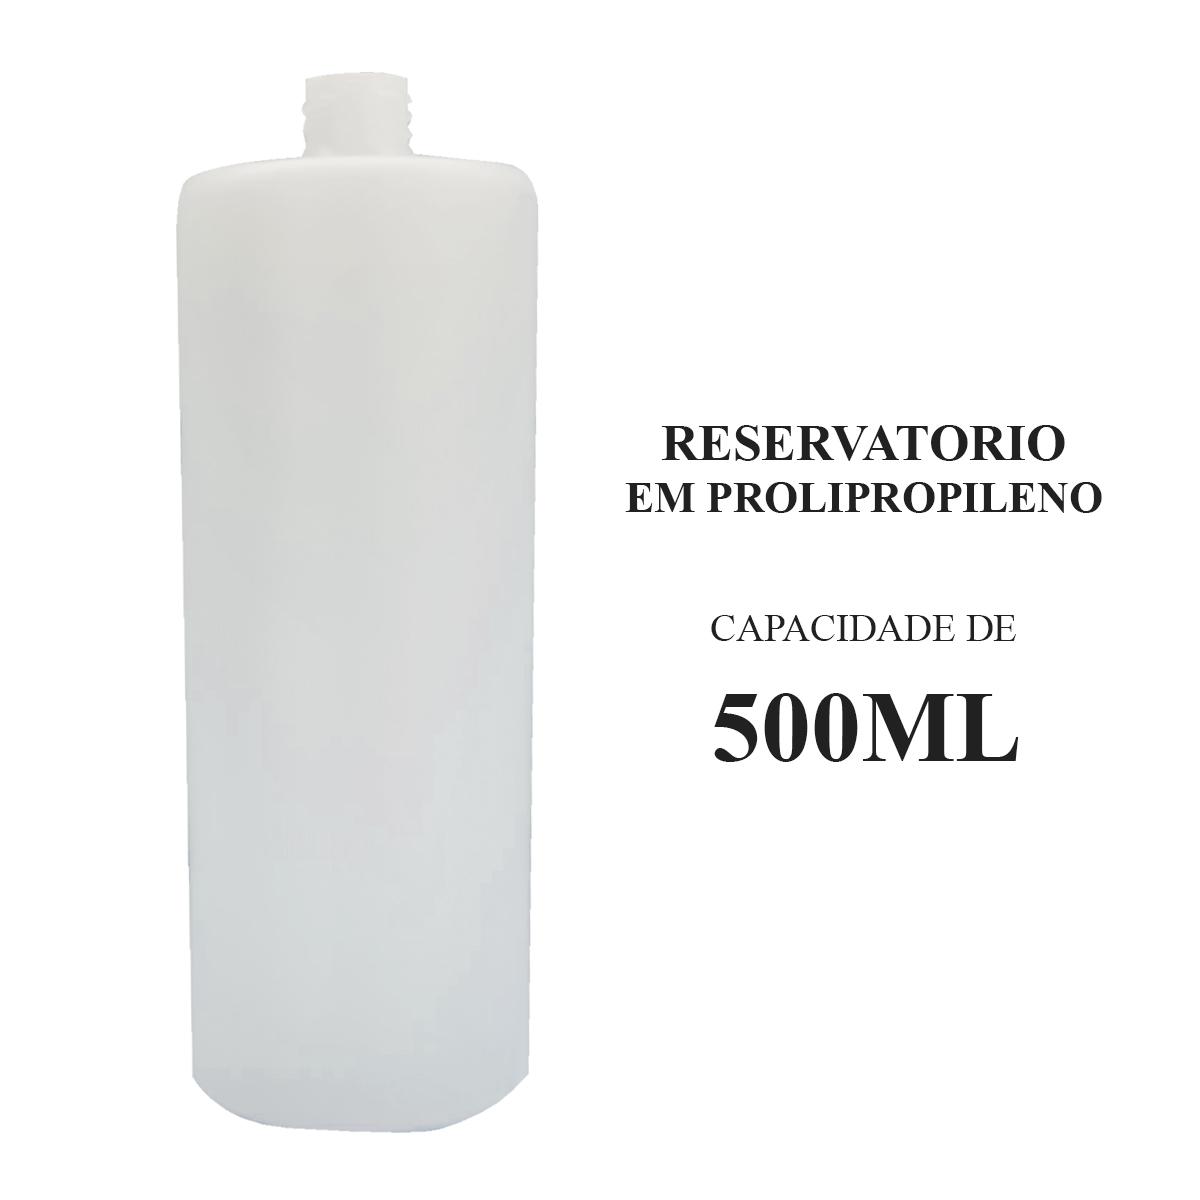 Dosador e Dispenser de Detergente liquido Inox Escovado para Granito Pia Embutir 500ml - Westing